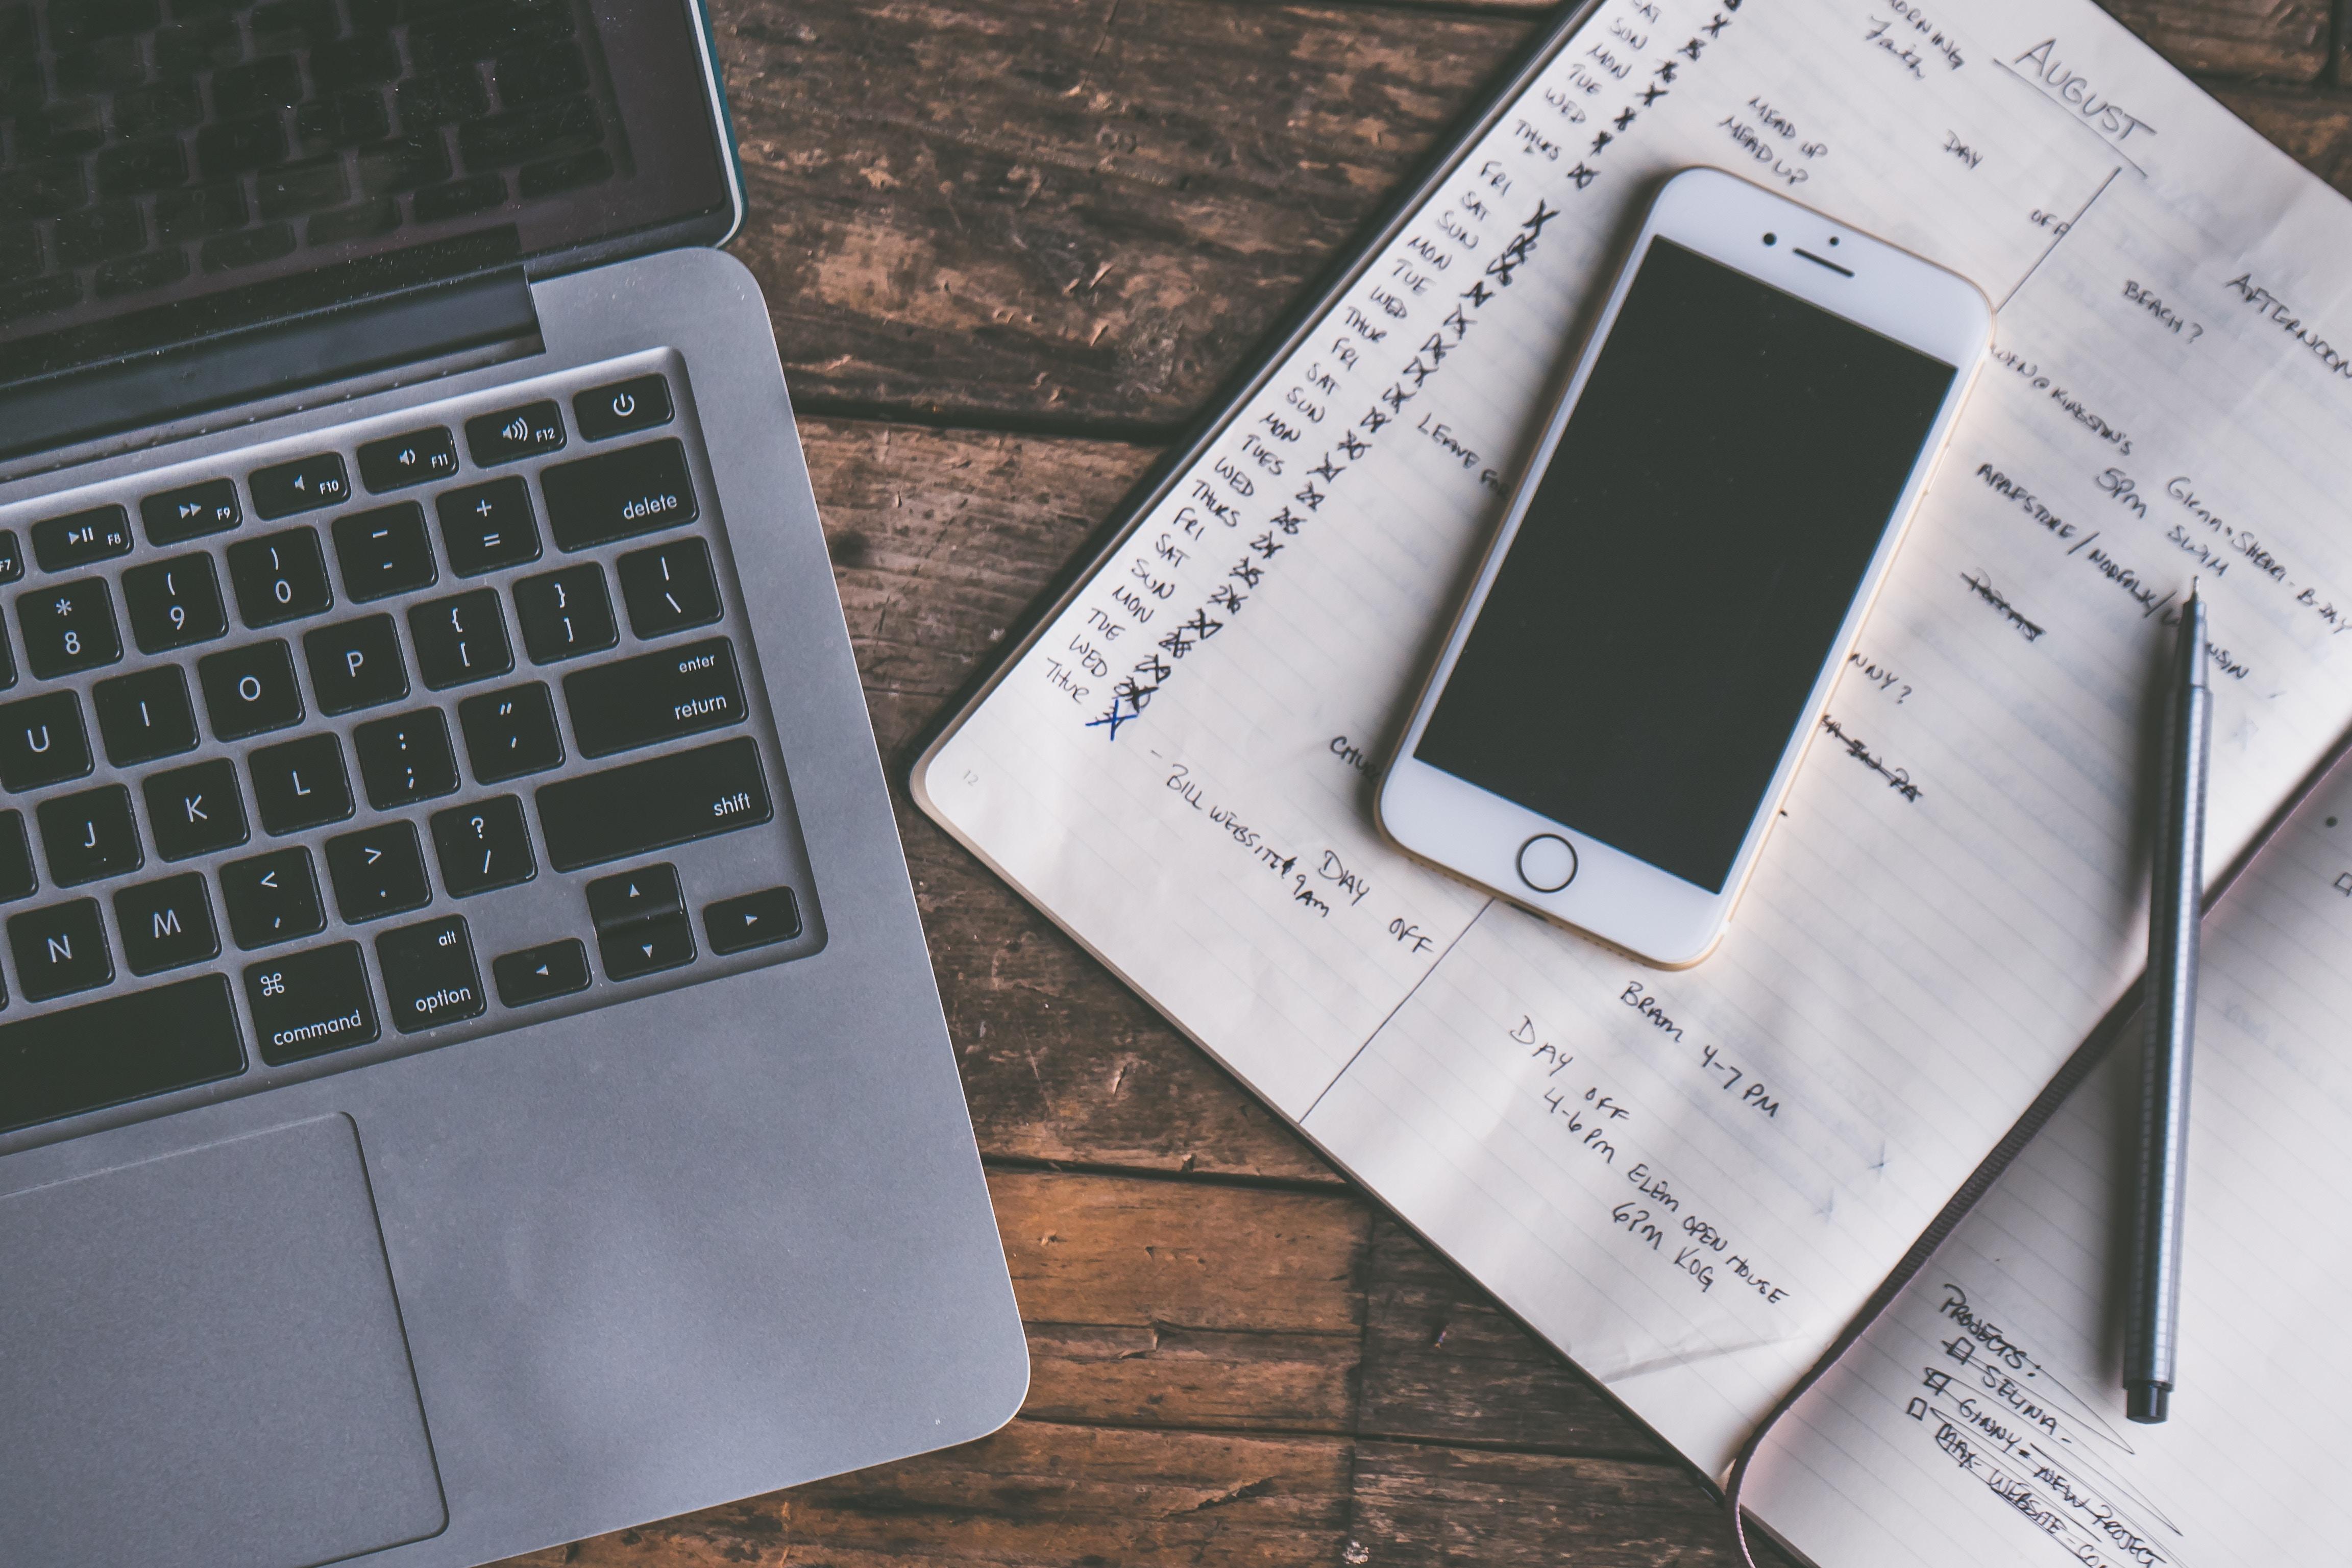 5 tecken som tyder på att ni behöver ett schemaläggning- och tidrapporteringsprogram